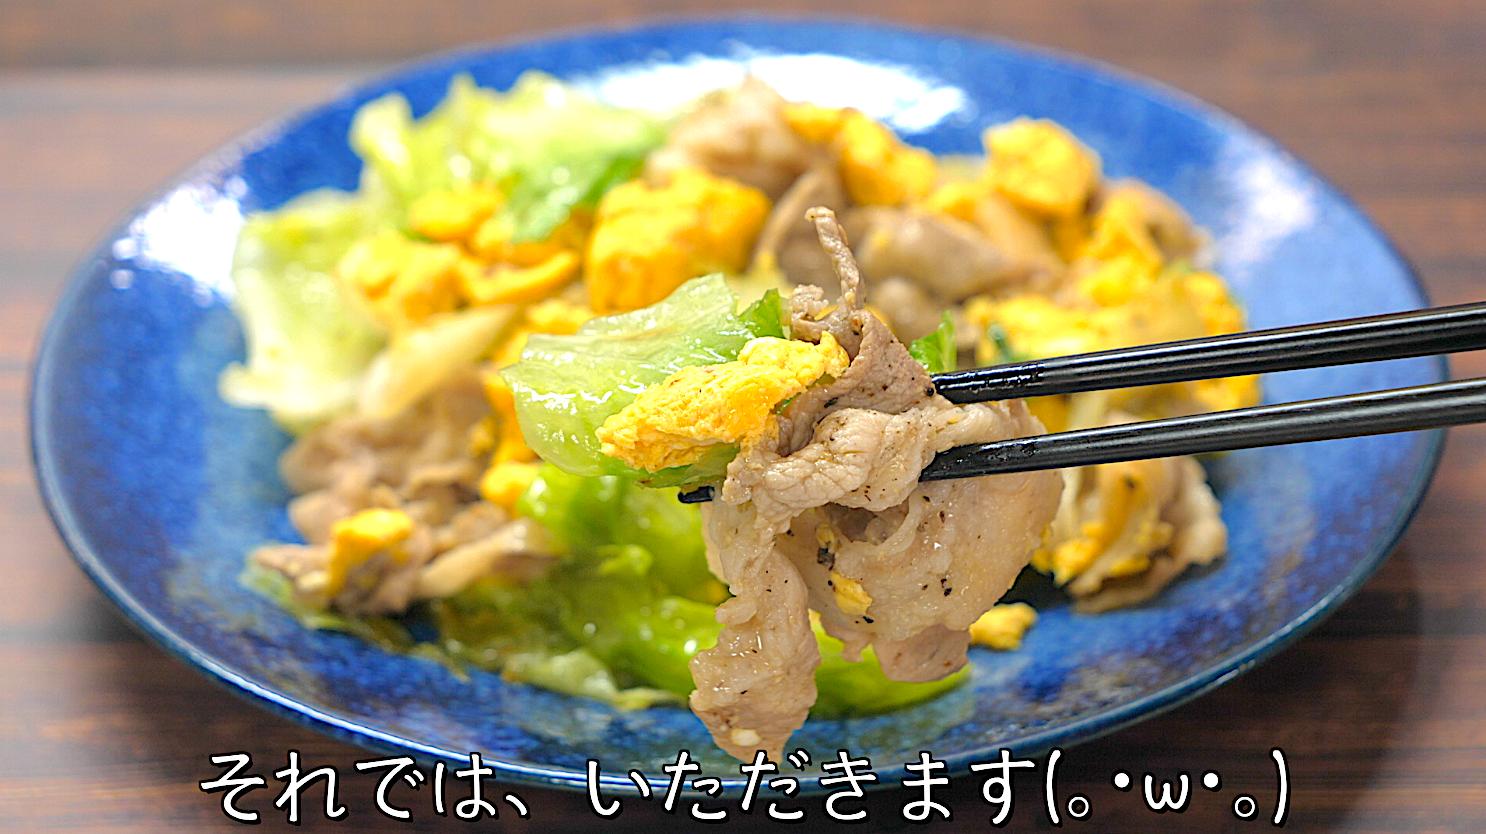 豚肉 レタス レシピ ダイエット